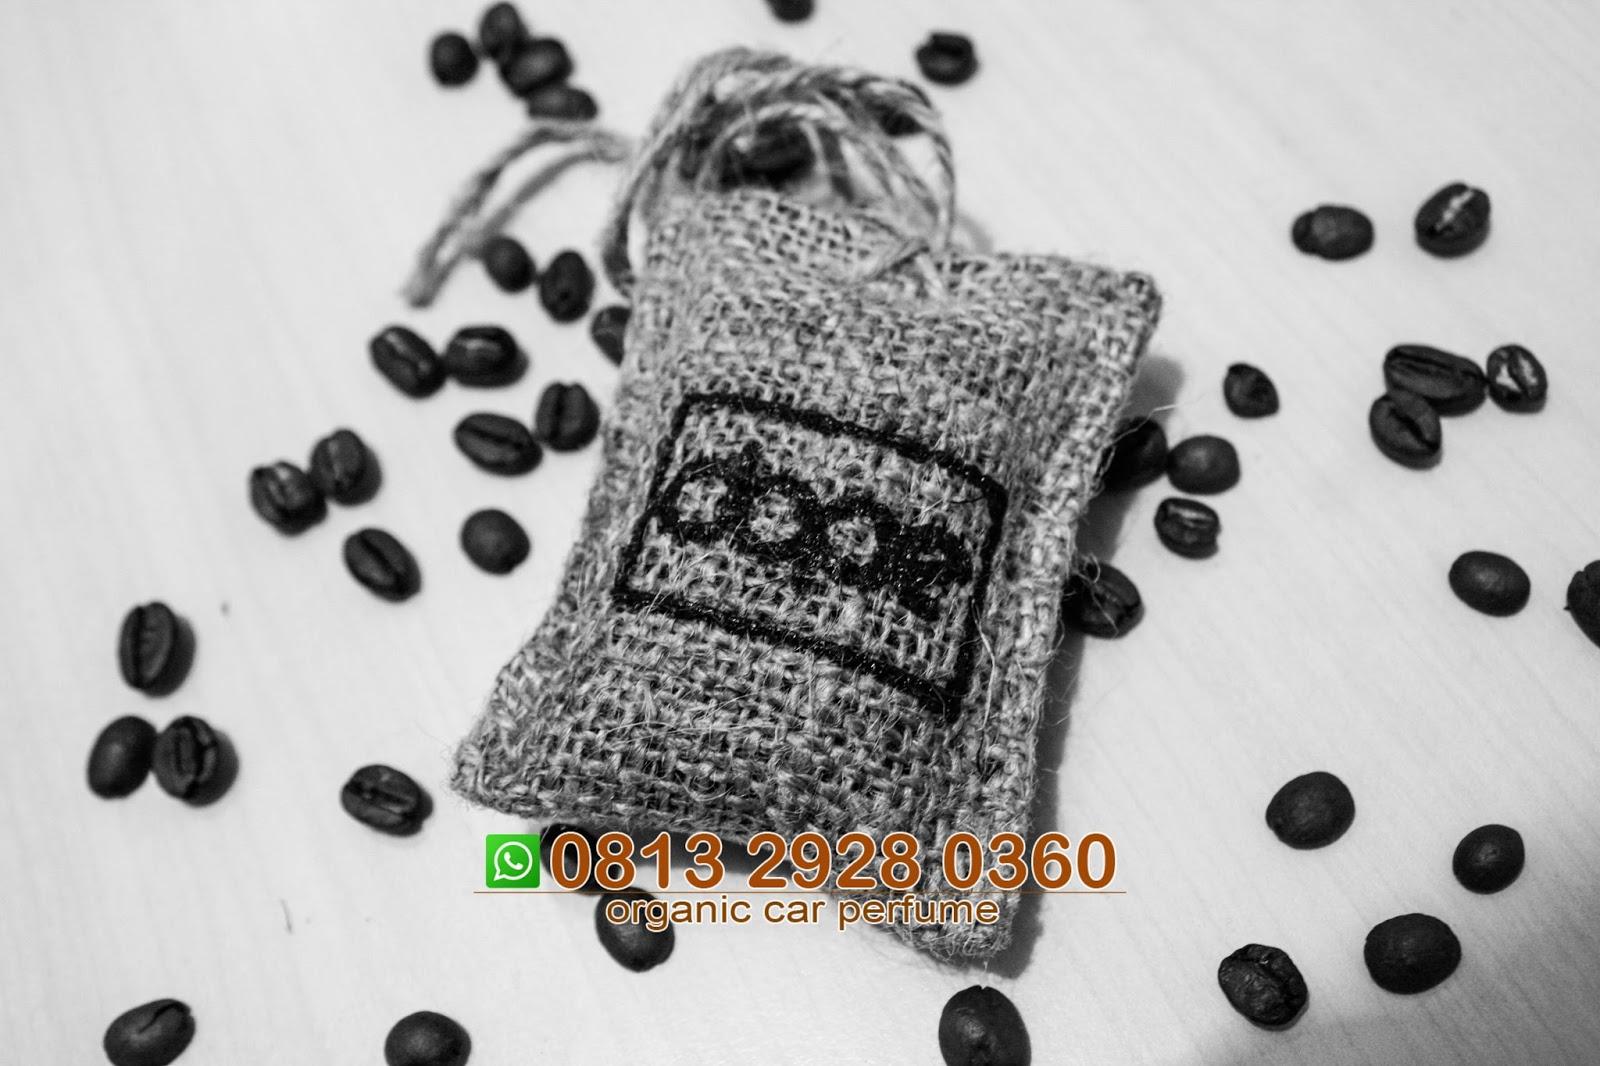 Parfum Mobil Kopi Asli Parfume Design Jasa Pembuatan Website Di Madura